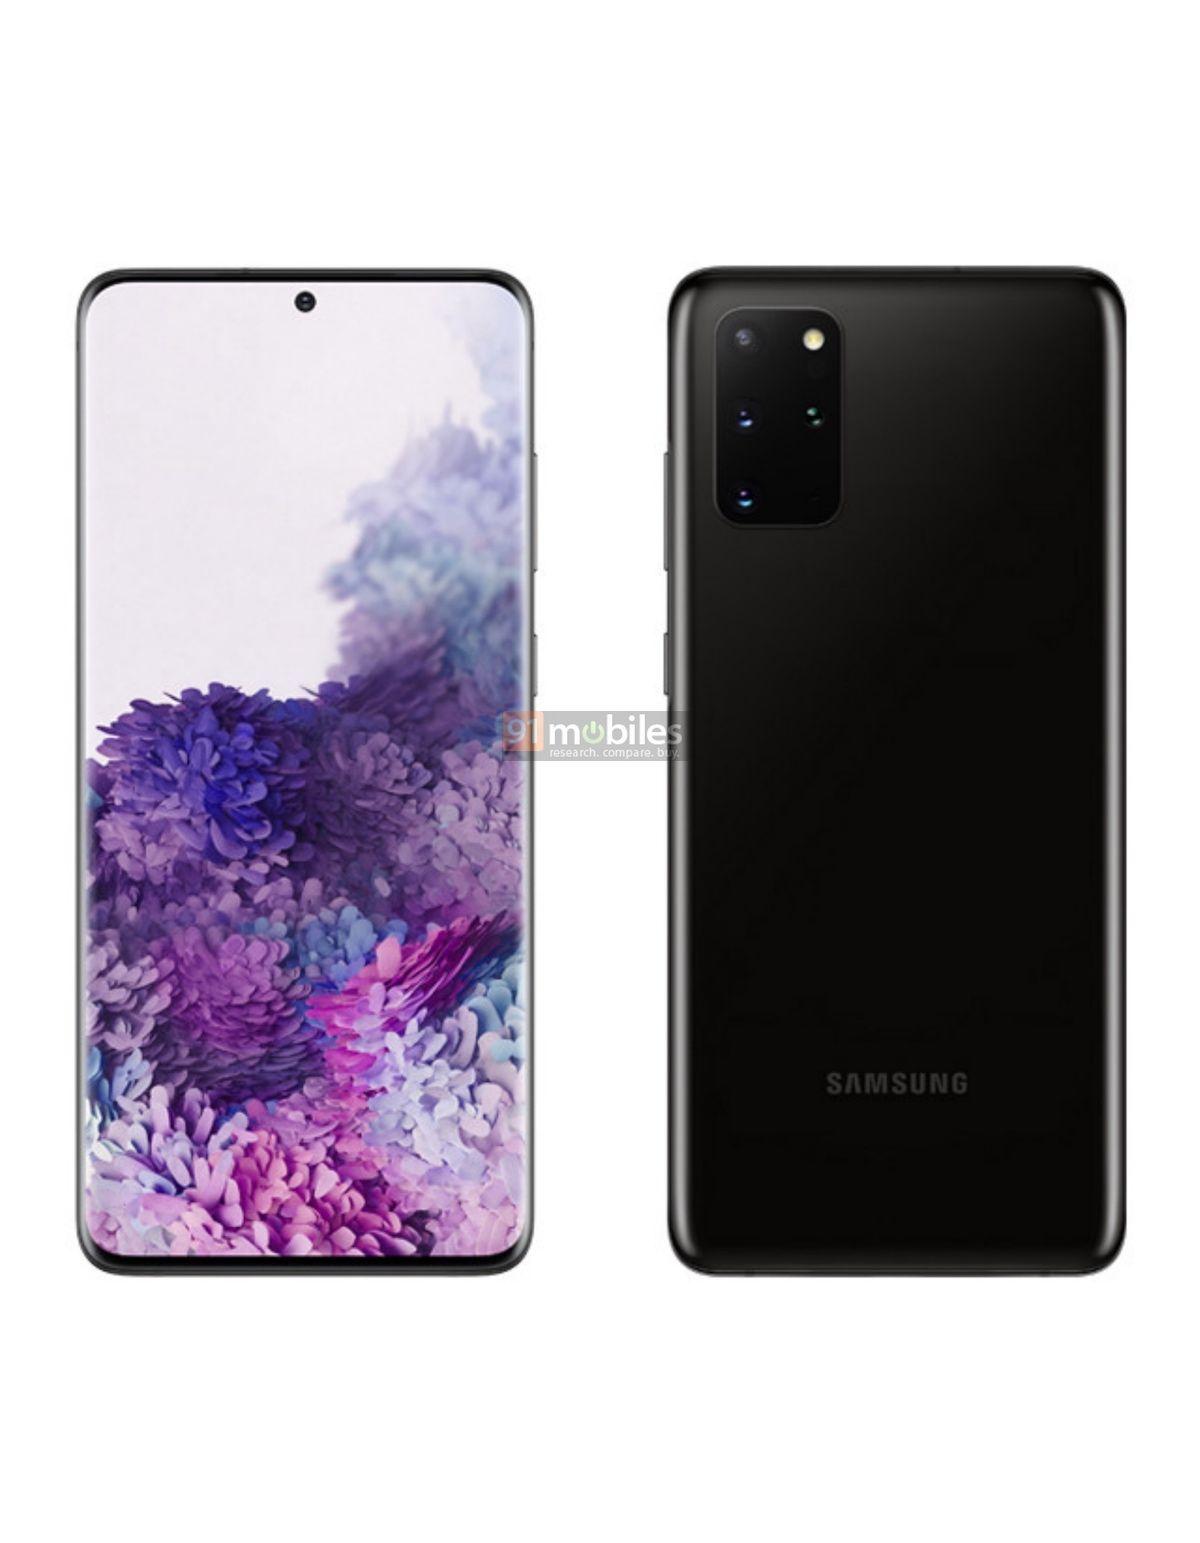 Samsung Galaxy S20 Ultra cena plotki przecieki wycieki specyfikacja dane techniczne kiedy premiera rendery